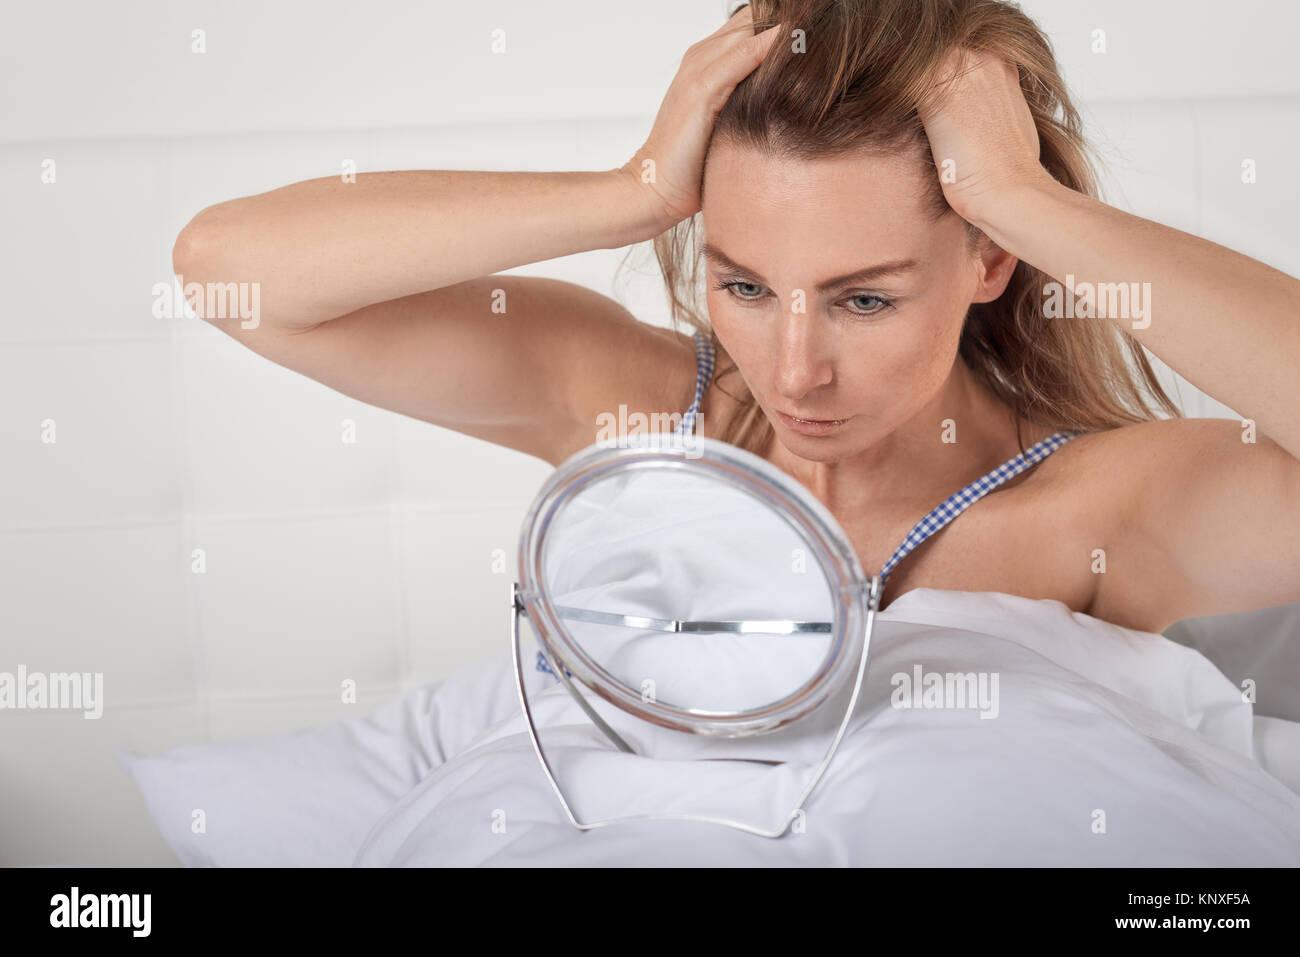 Grave giovane donna nel letto guardando a se stessa in un piccolo portatile a mano bilanciato a specchio sul coperchio Immagini Stock